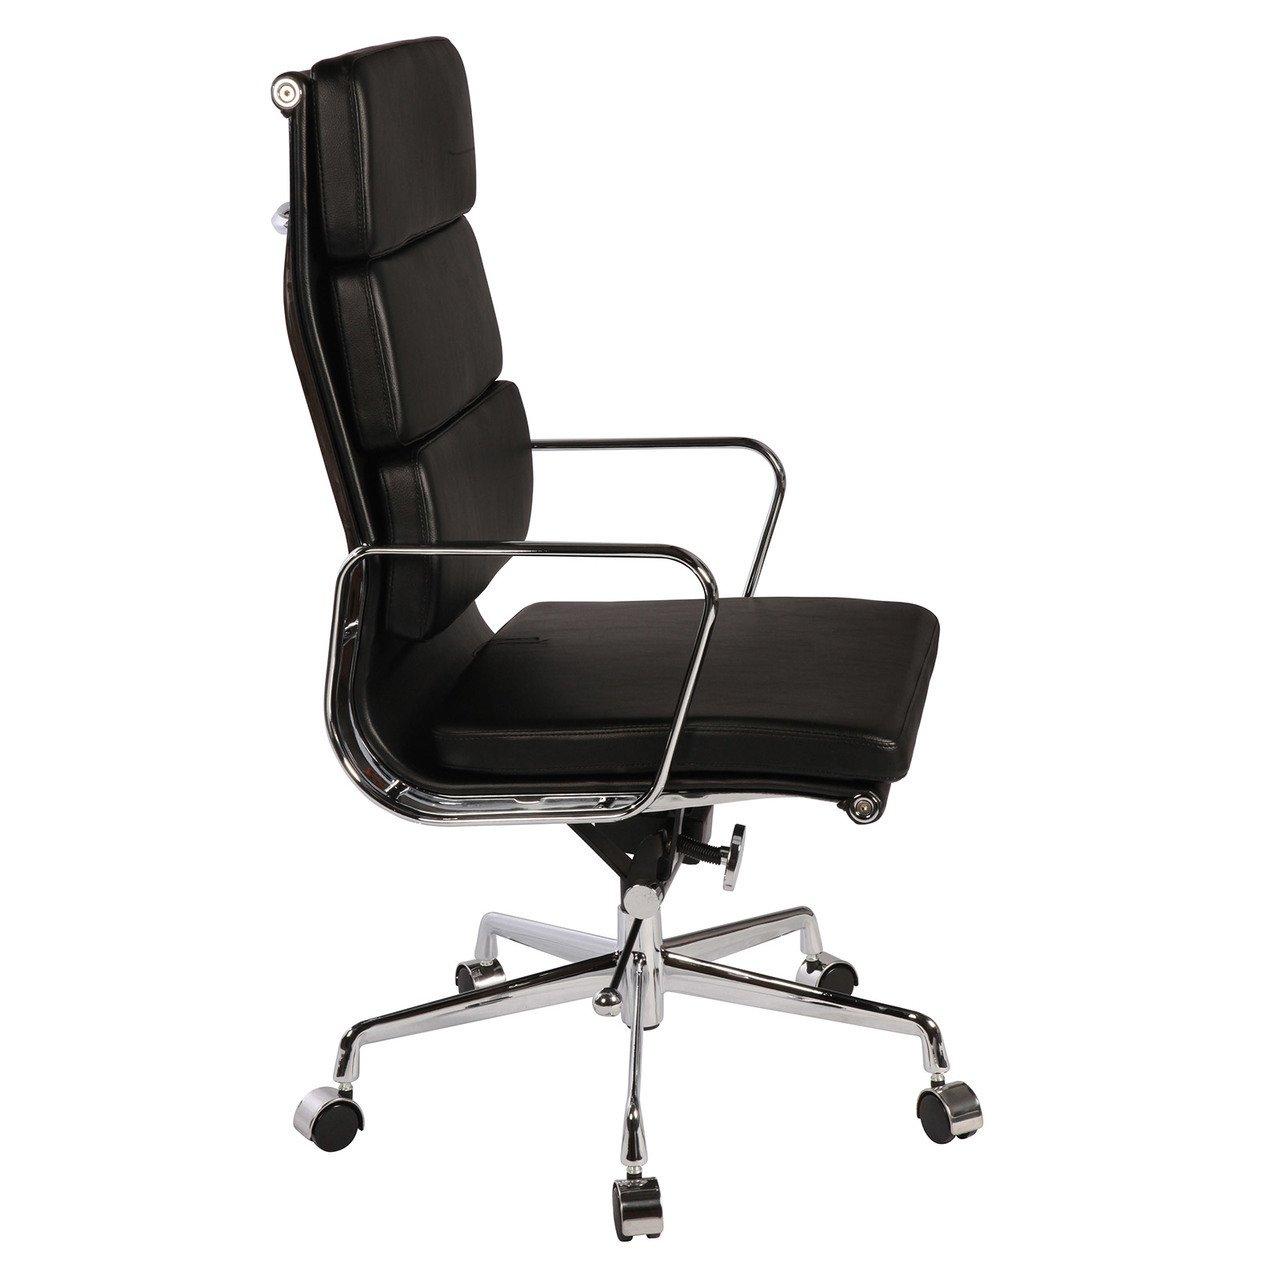 replica eames group standard aluminium chair cf. Amazon.com - Replica Eames Group Aluminium Chair #CF-128 Standard Chairs Cf